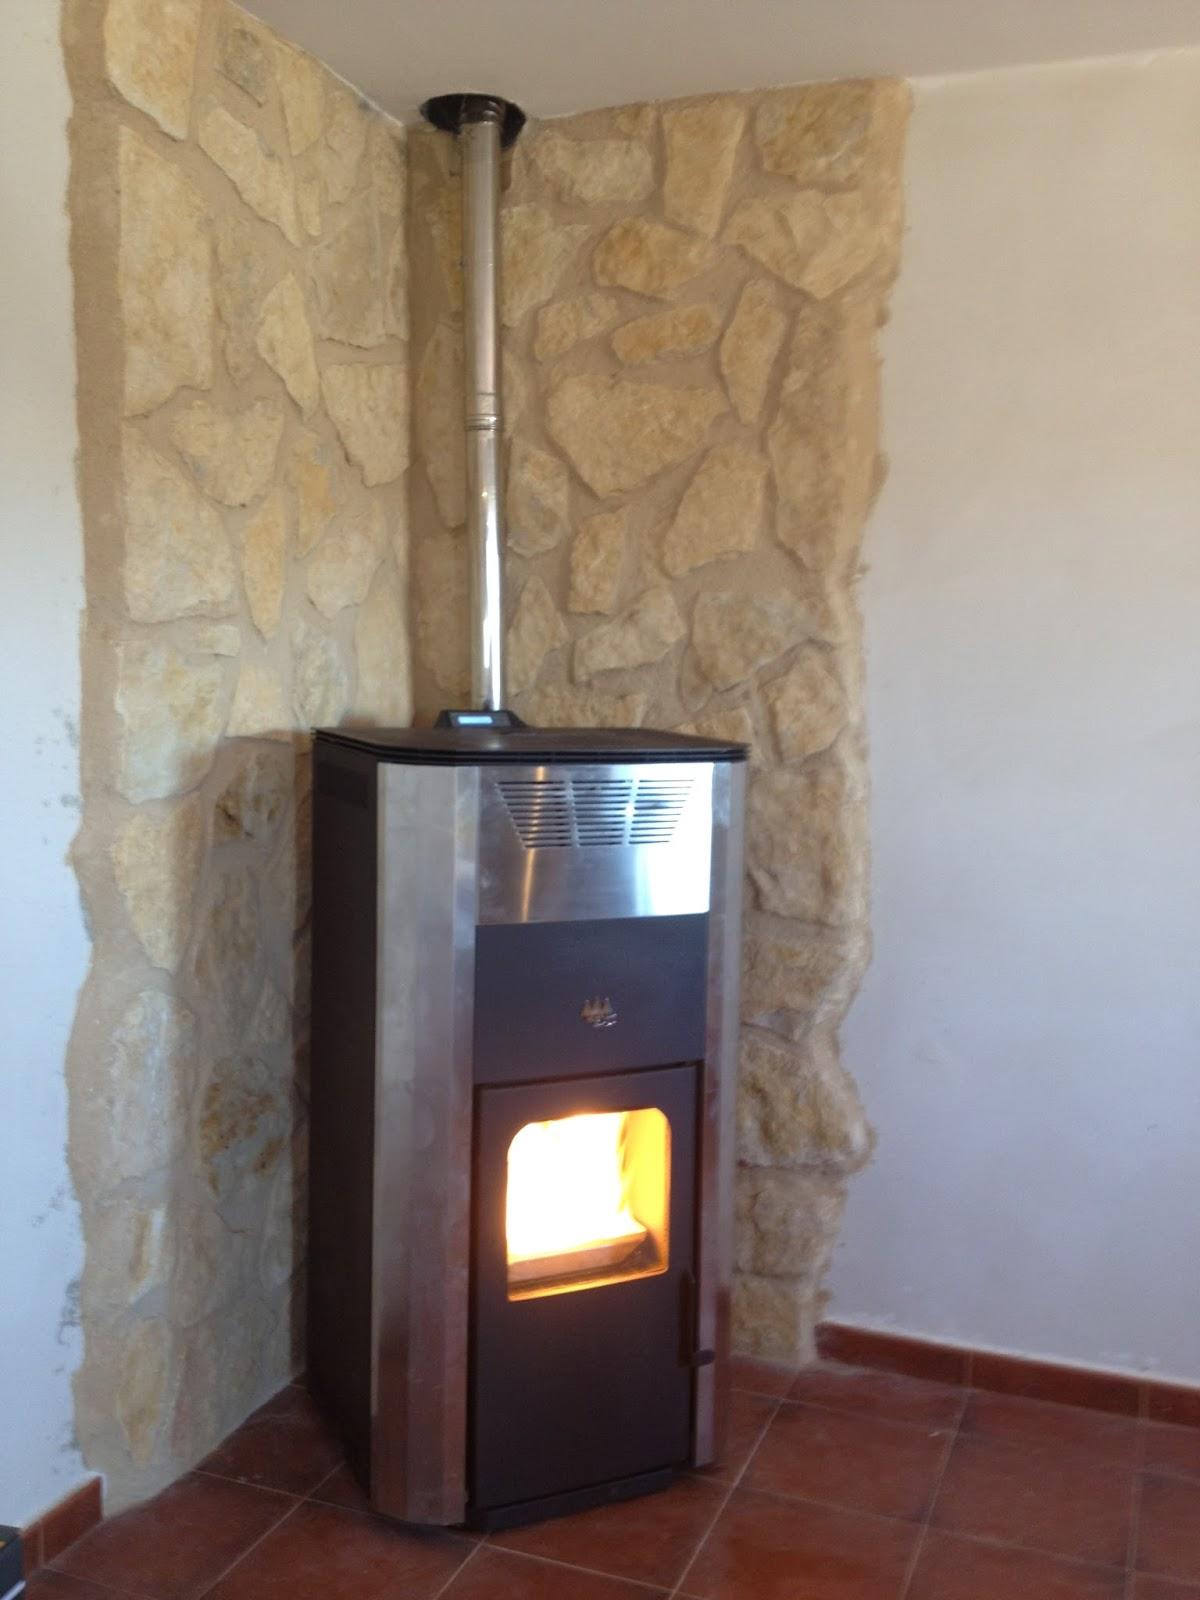 Instaladores de estufas de biomasa - Estufas de biomasa ...